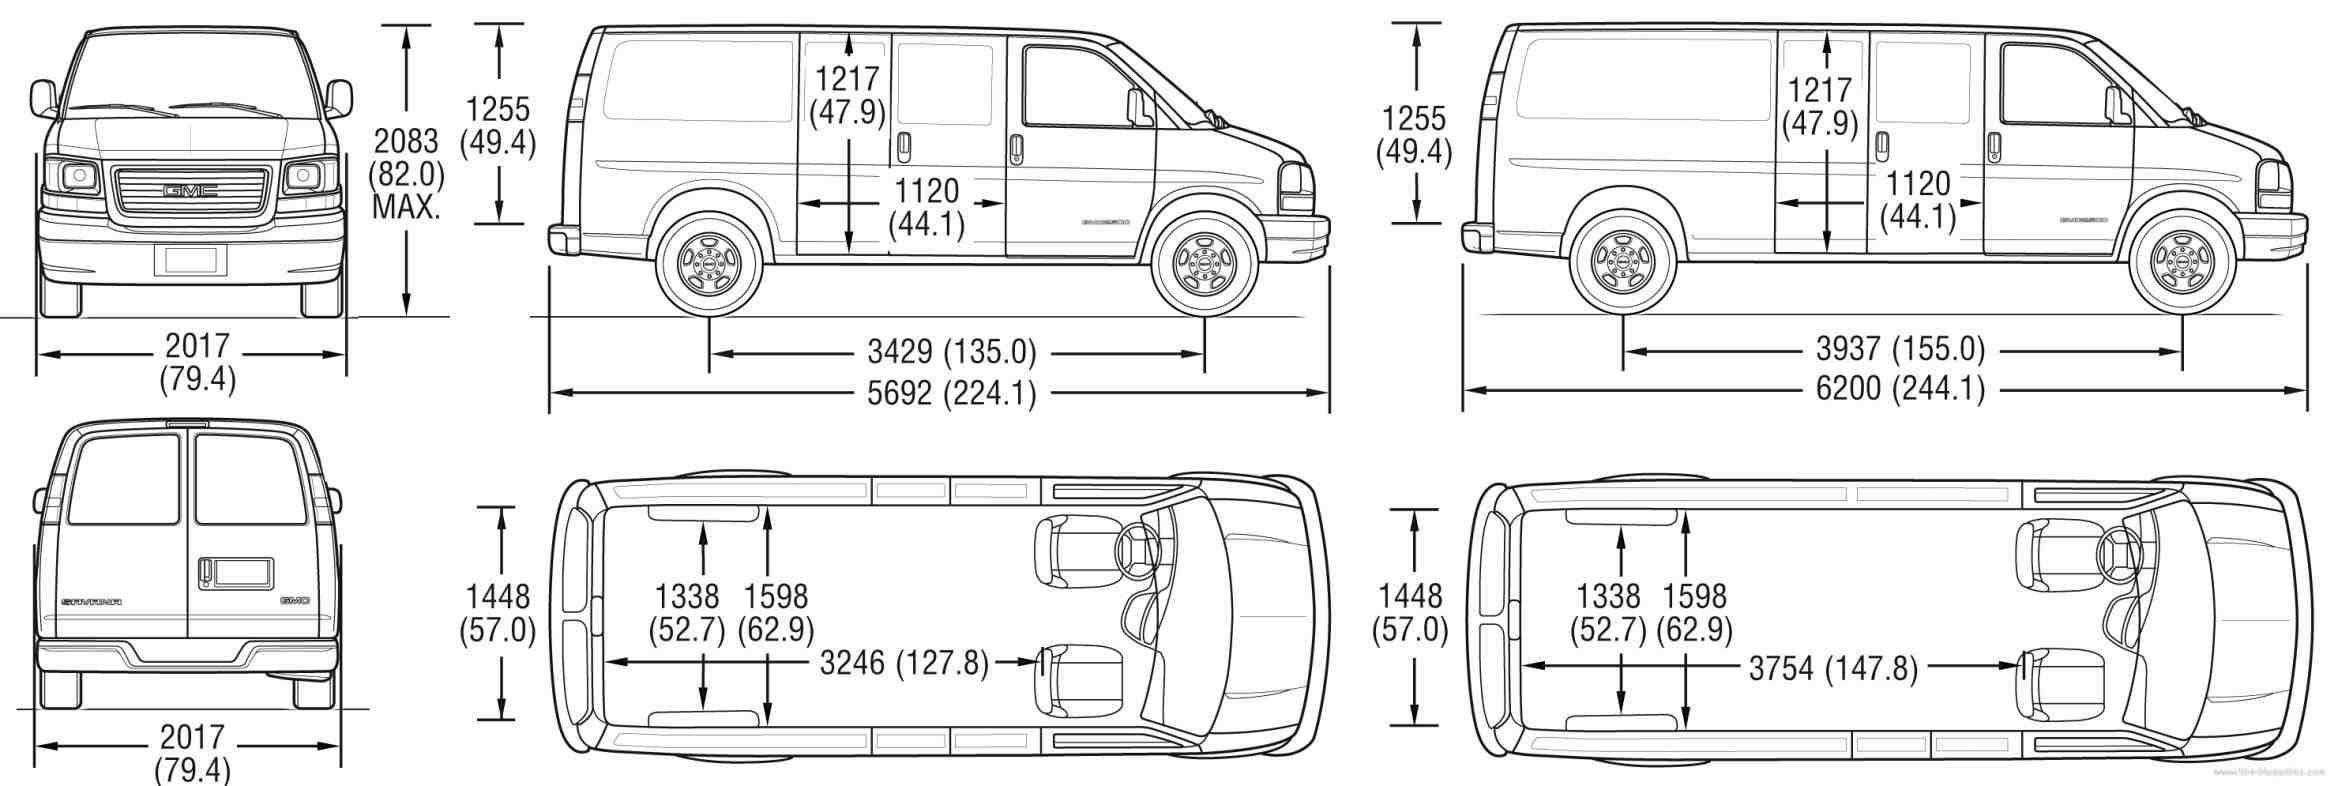 Astro Gmc Safari Interior Dimensions Van For To Camper Conversion